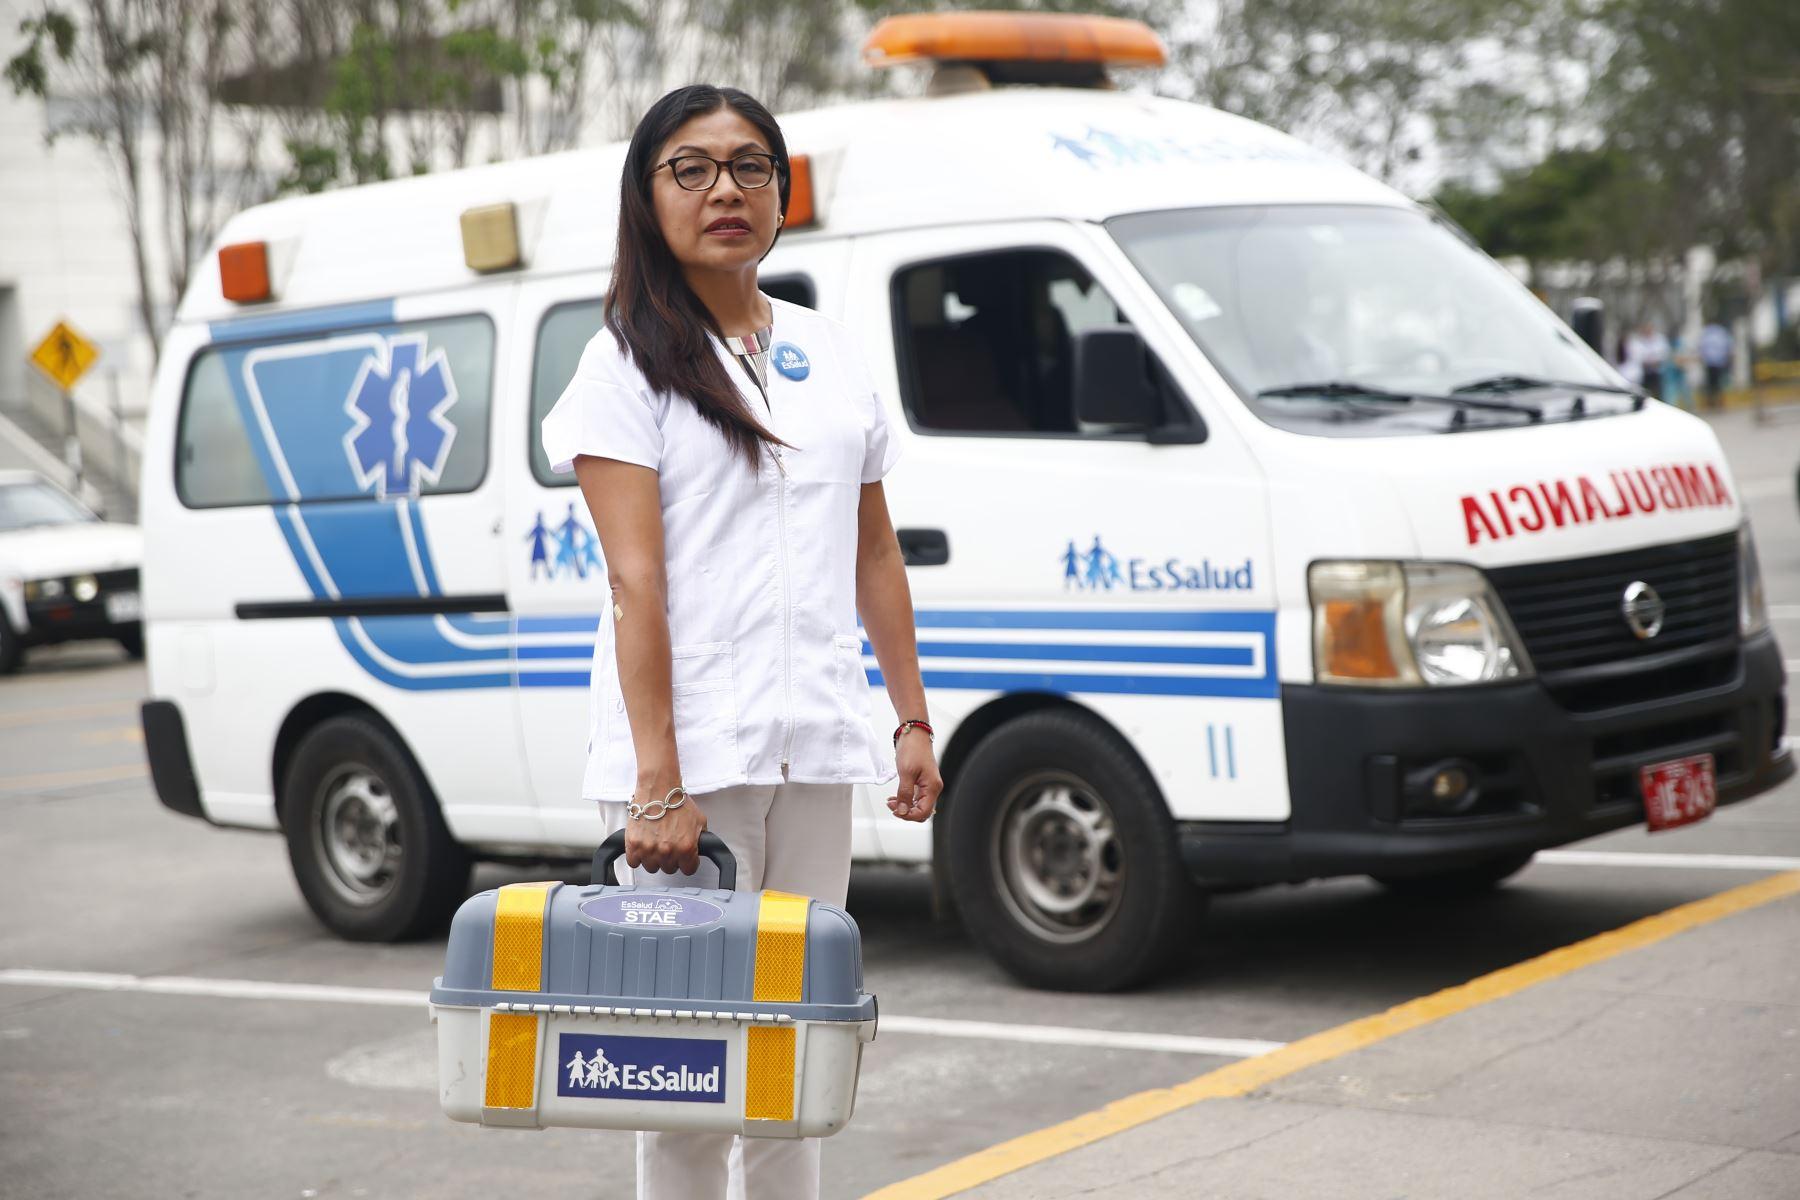 Nefróloga Patricia Chilet es gerente de Procura de EsSalud y responsable de activar un sistema que salva vidas por medio de la donación y trasplante de órganos. ANDINA/Jhonel Rodríguez Robles